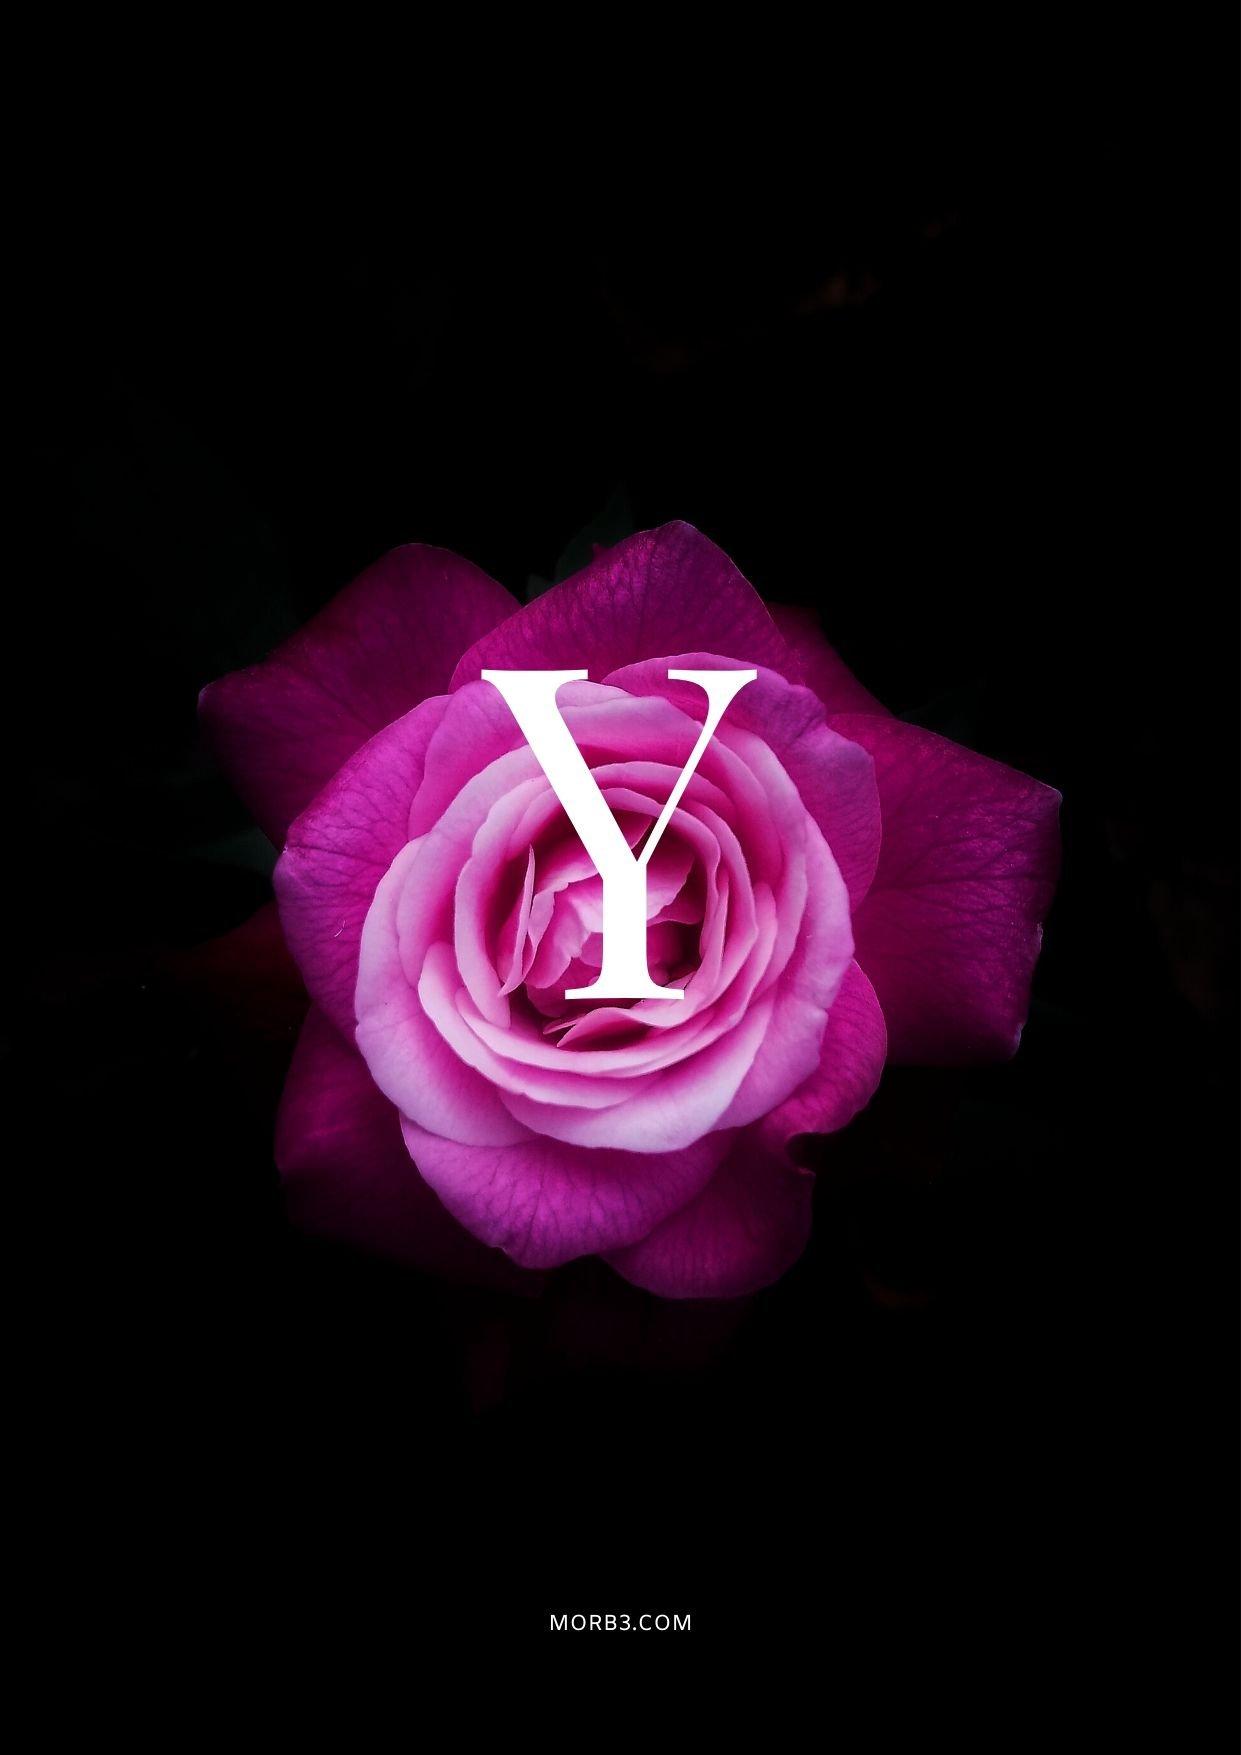 صور حرف Y خلفيات حرف Y خلفيات حرف Y رومانسية اجمل حرف Y في العالم حرف Y بالورد حرف Y احبك حرف Y في قلوب حرف Y مع كلام حب خلفيات حرف